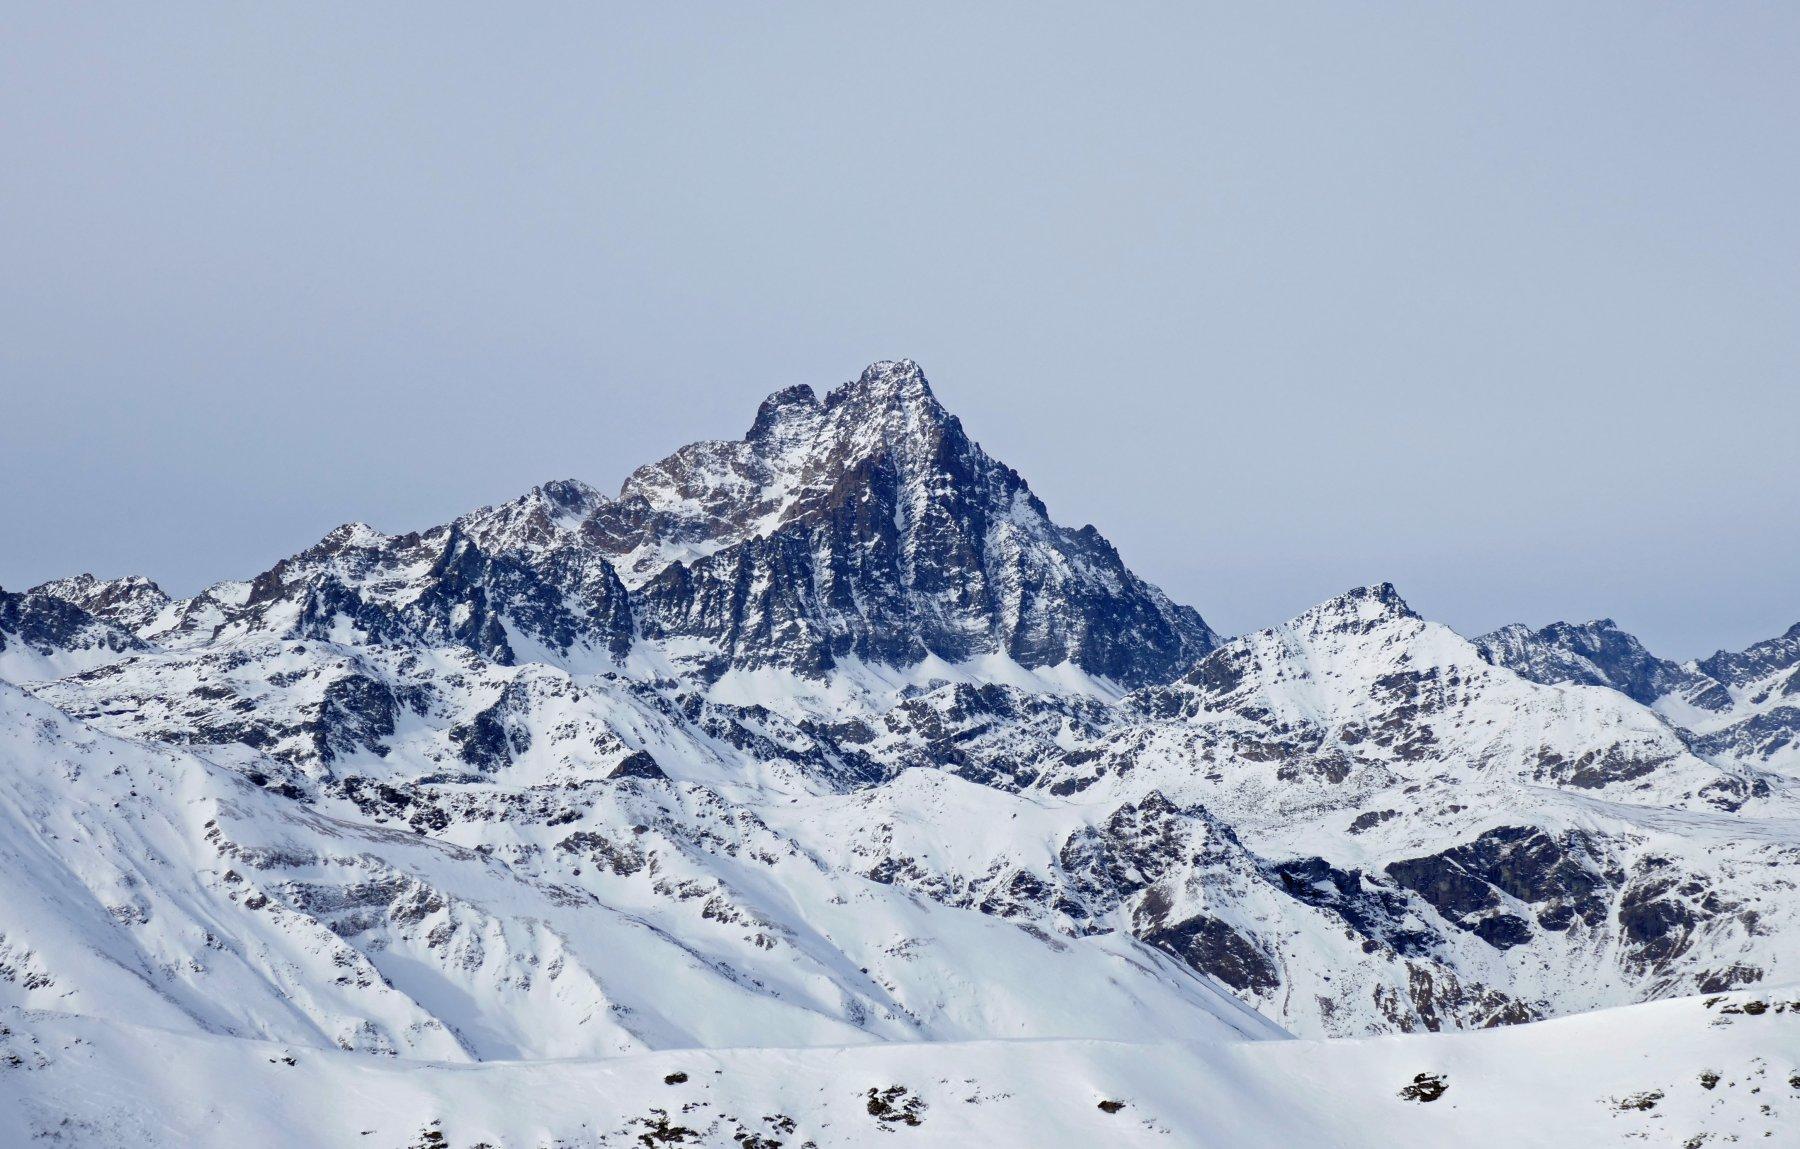 Il Monviso,davvero imponente, visto dalla cima